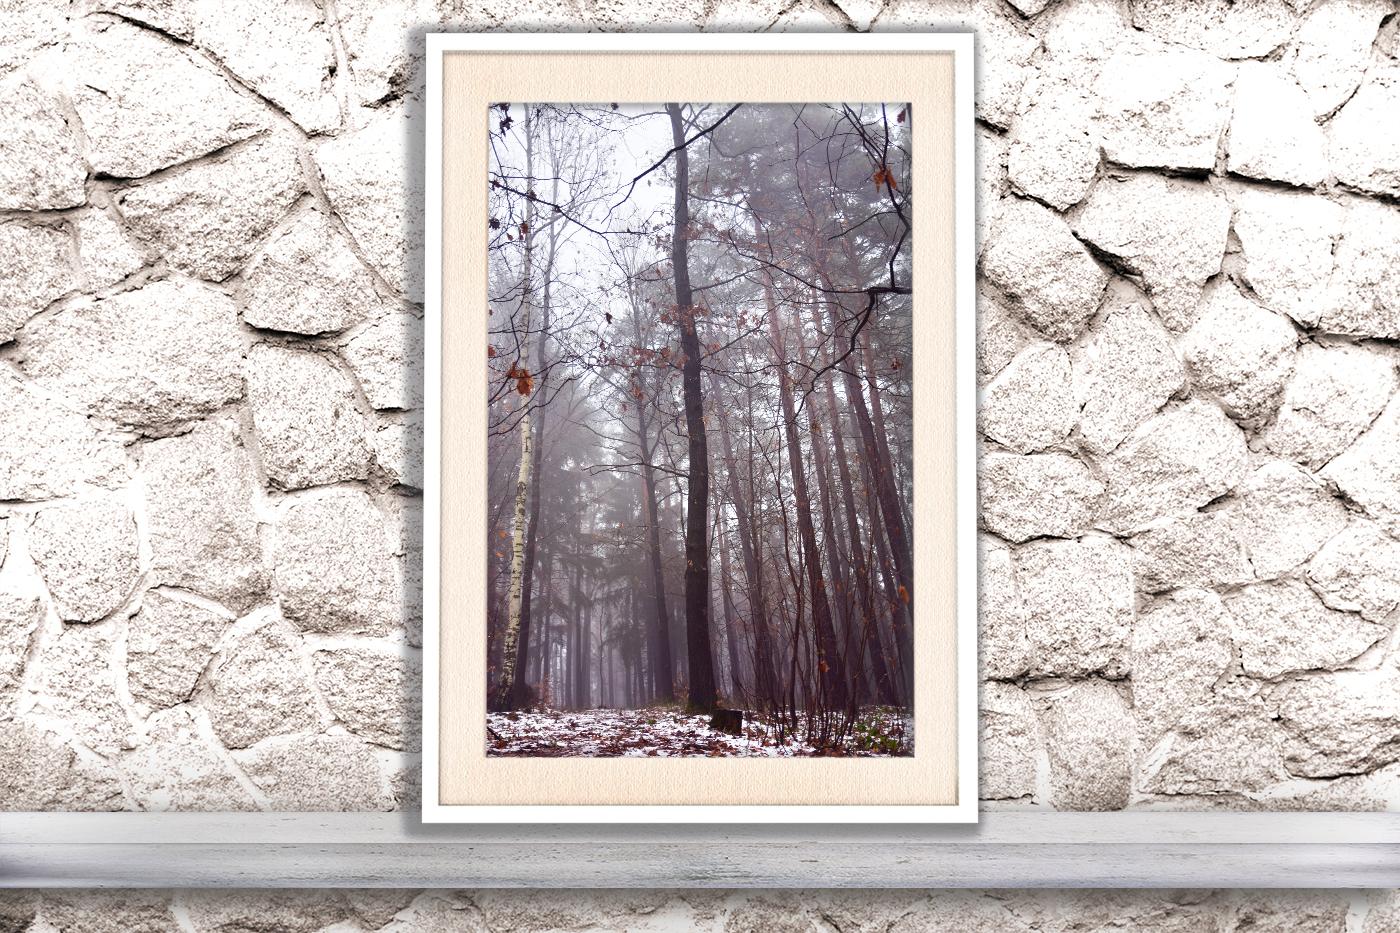 Nature photo, landscape photo, forest photo, winter photo example image 2